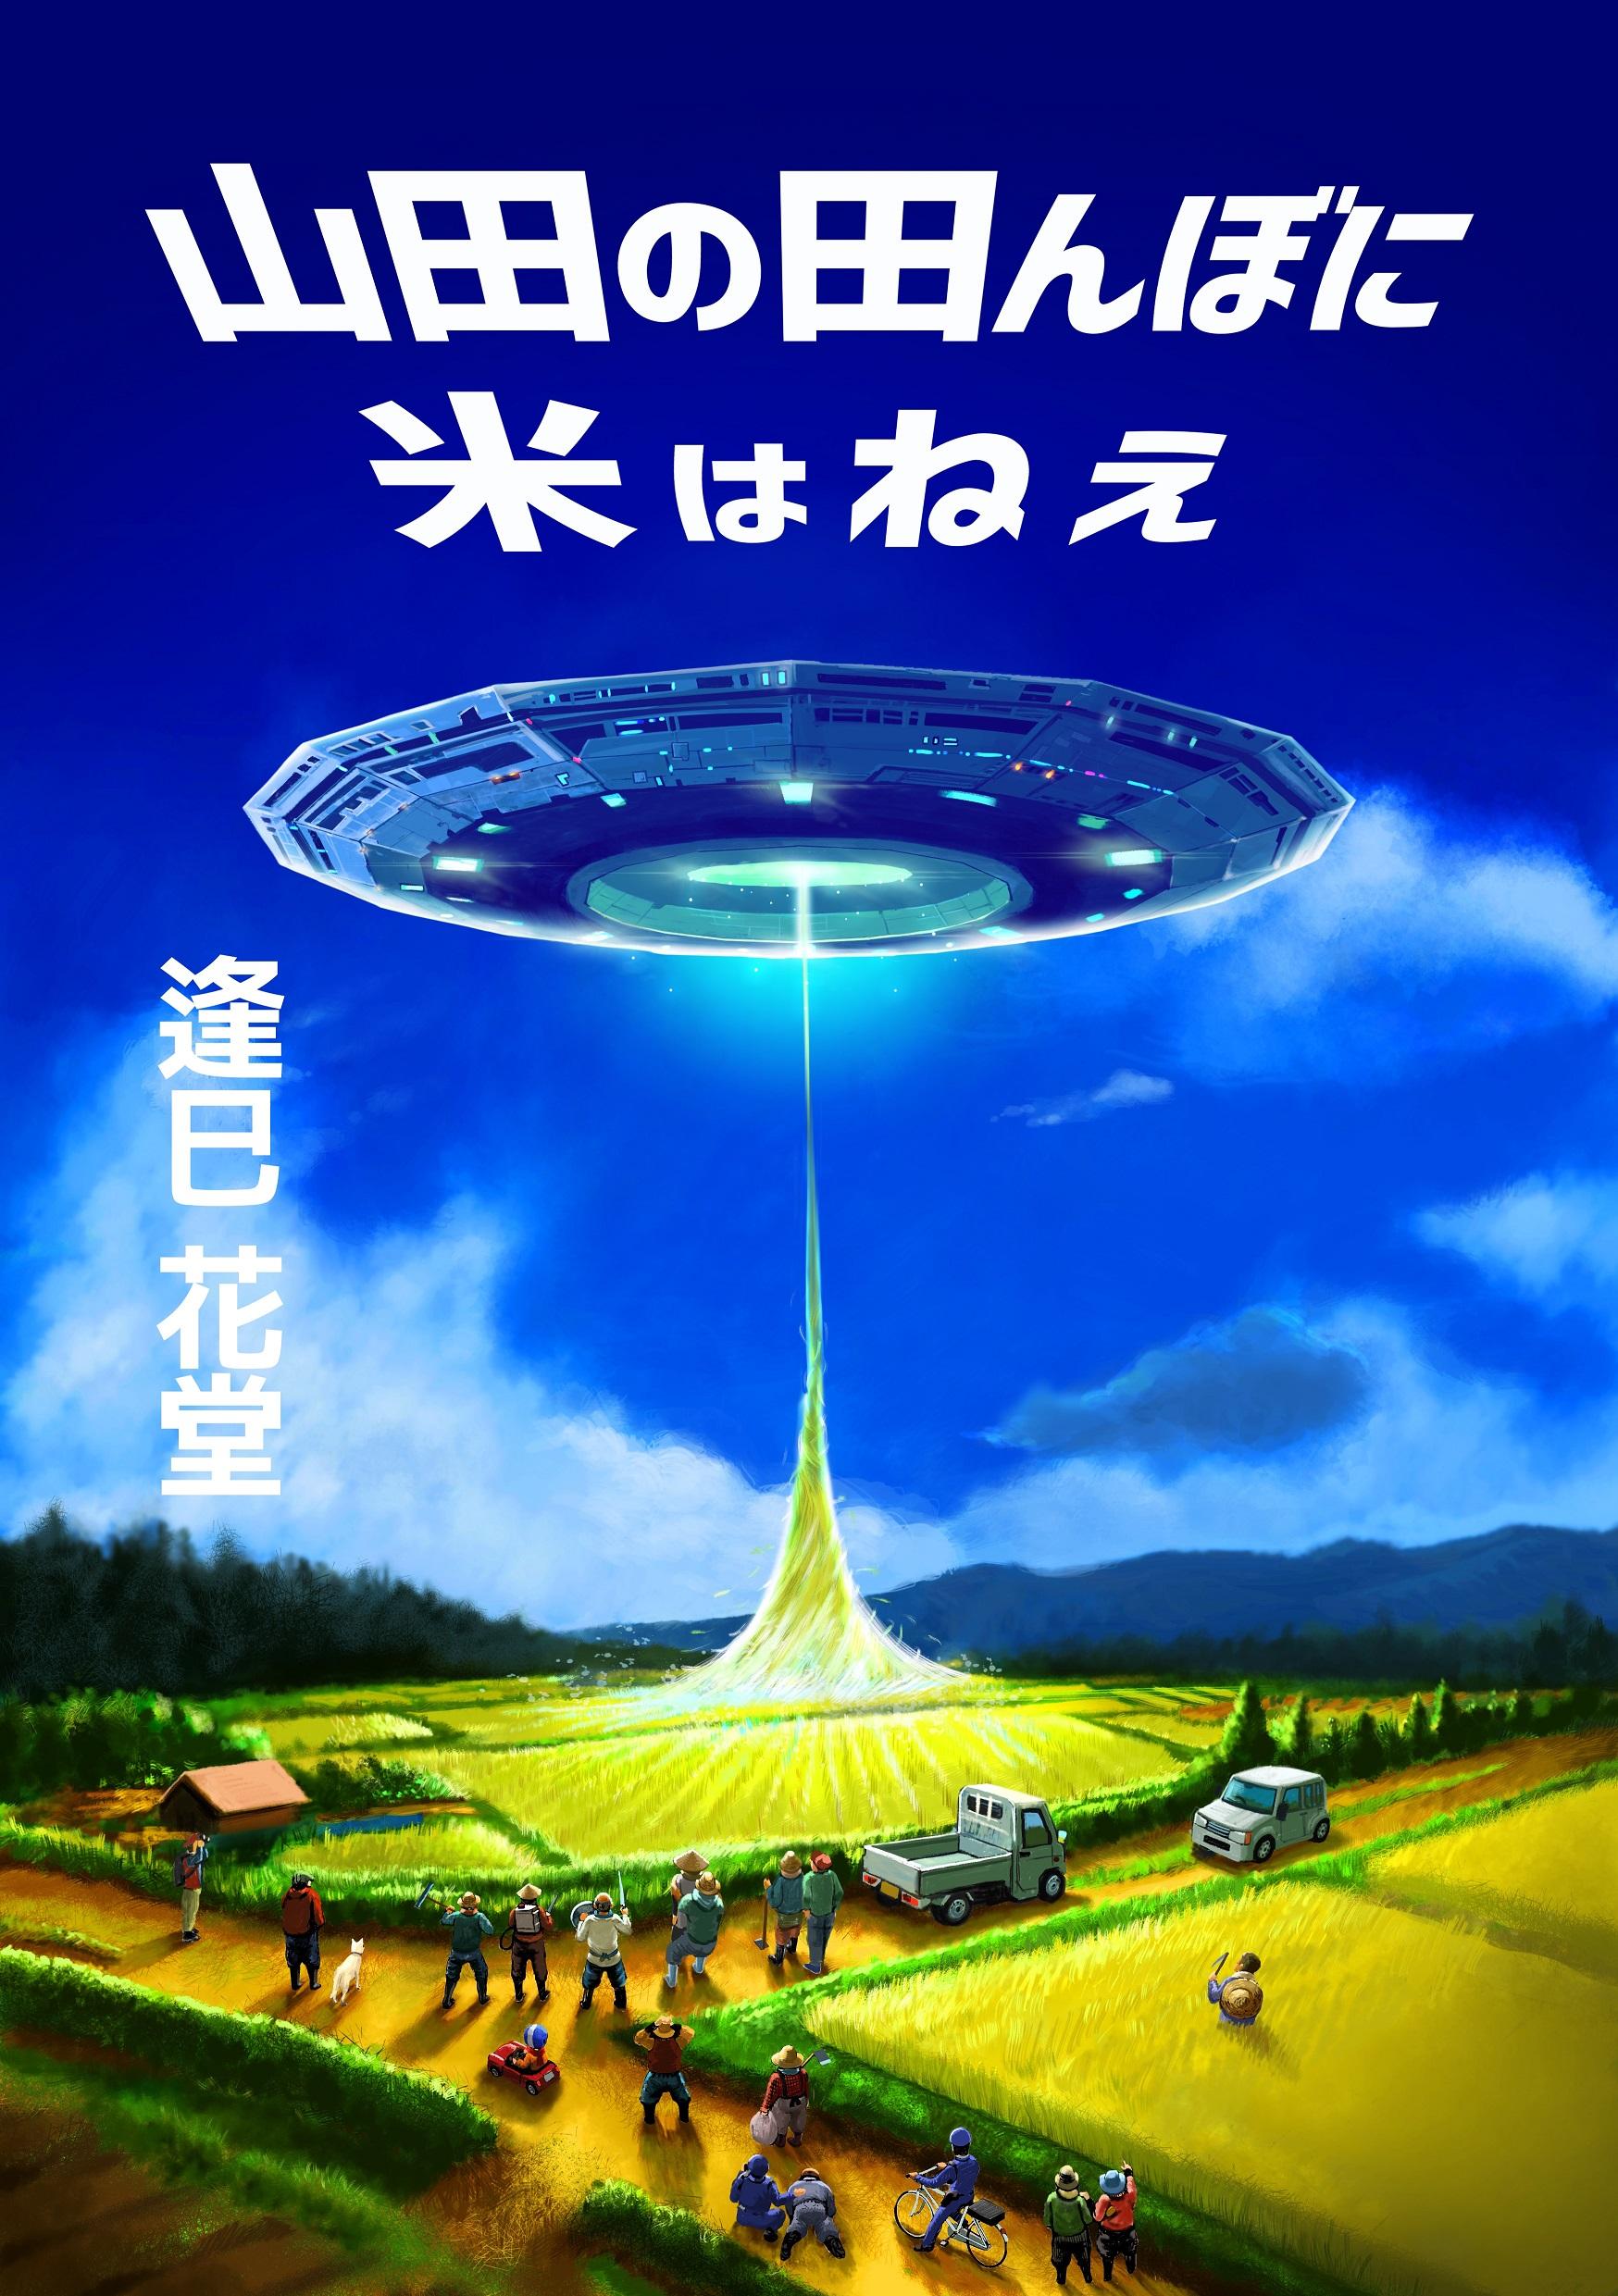 山田の田んぼに米はねえ ~俺達の米を奪いにUFOが攻めてきたので宇宙戦争始めました~の表紙